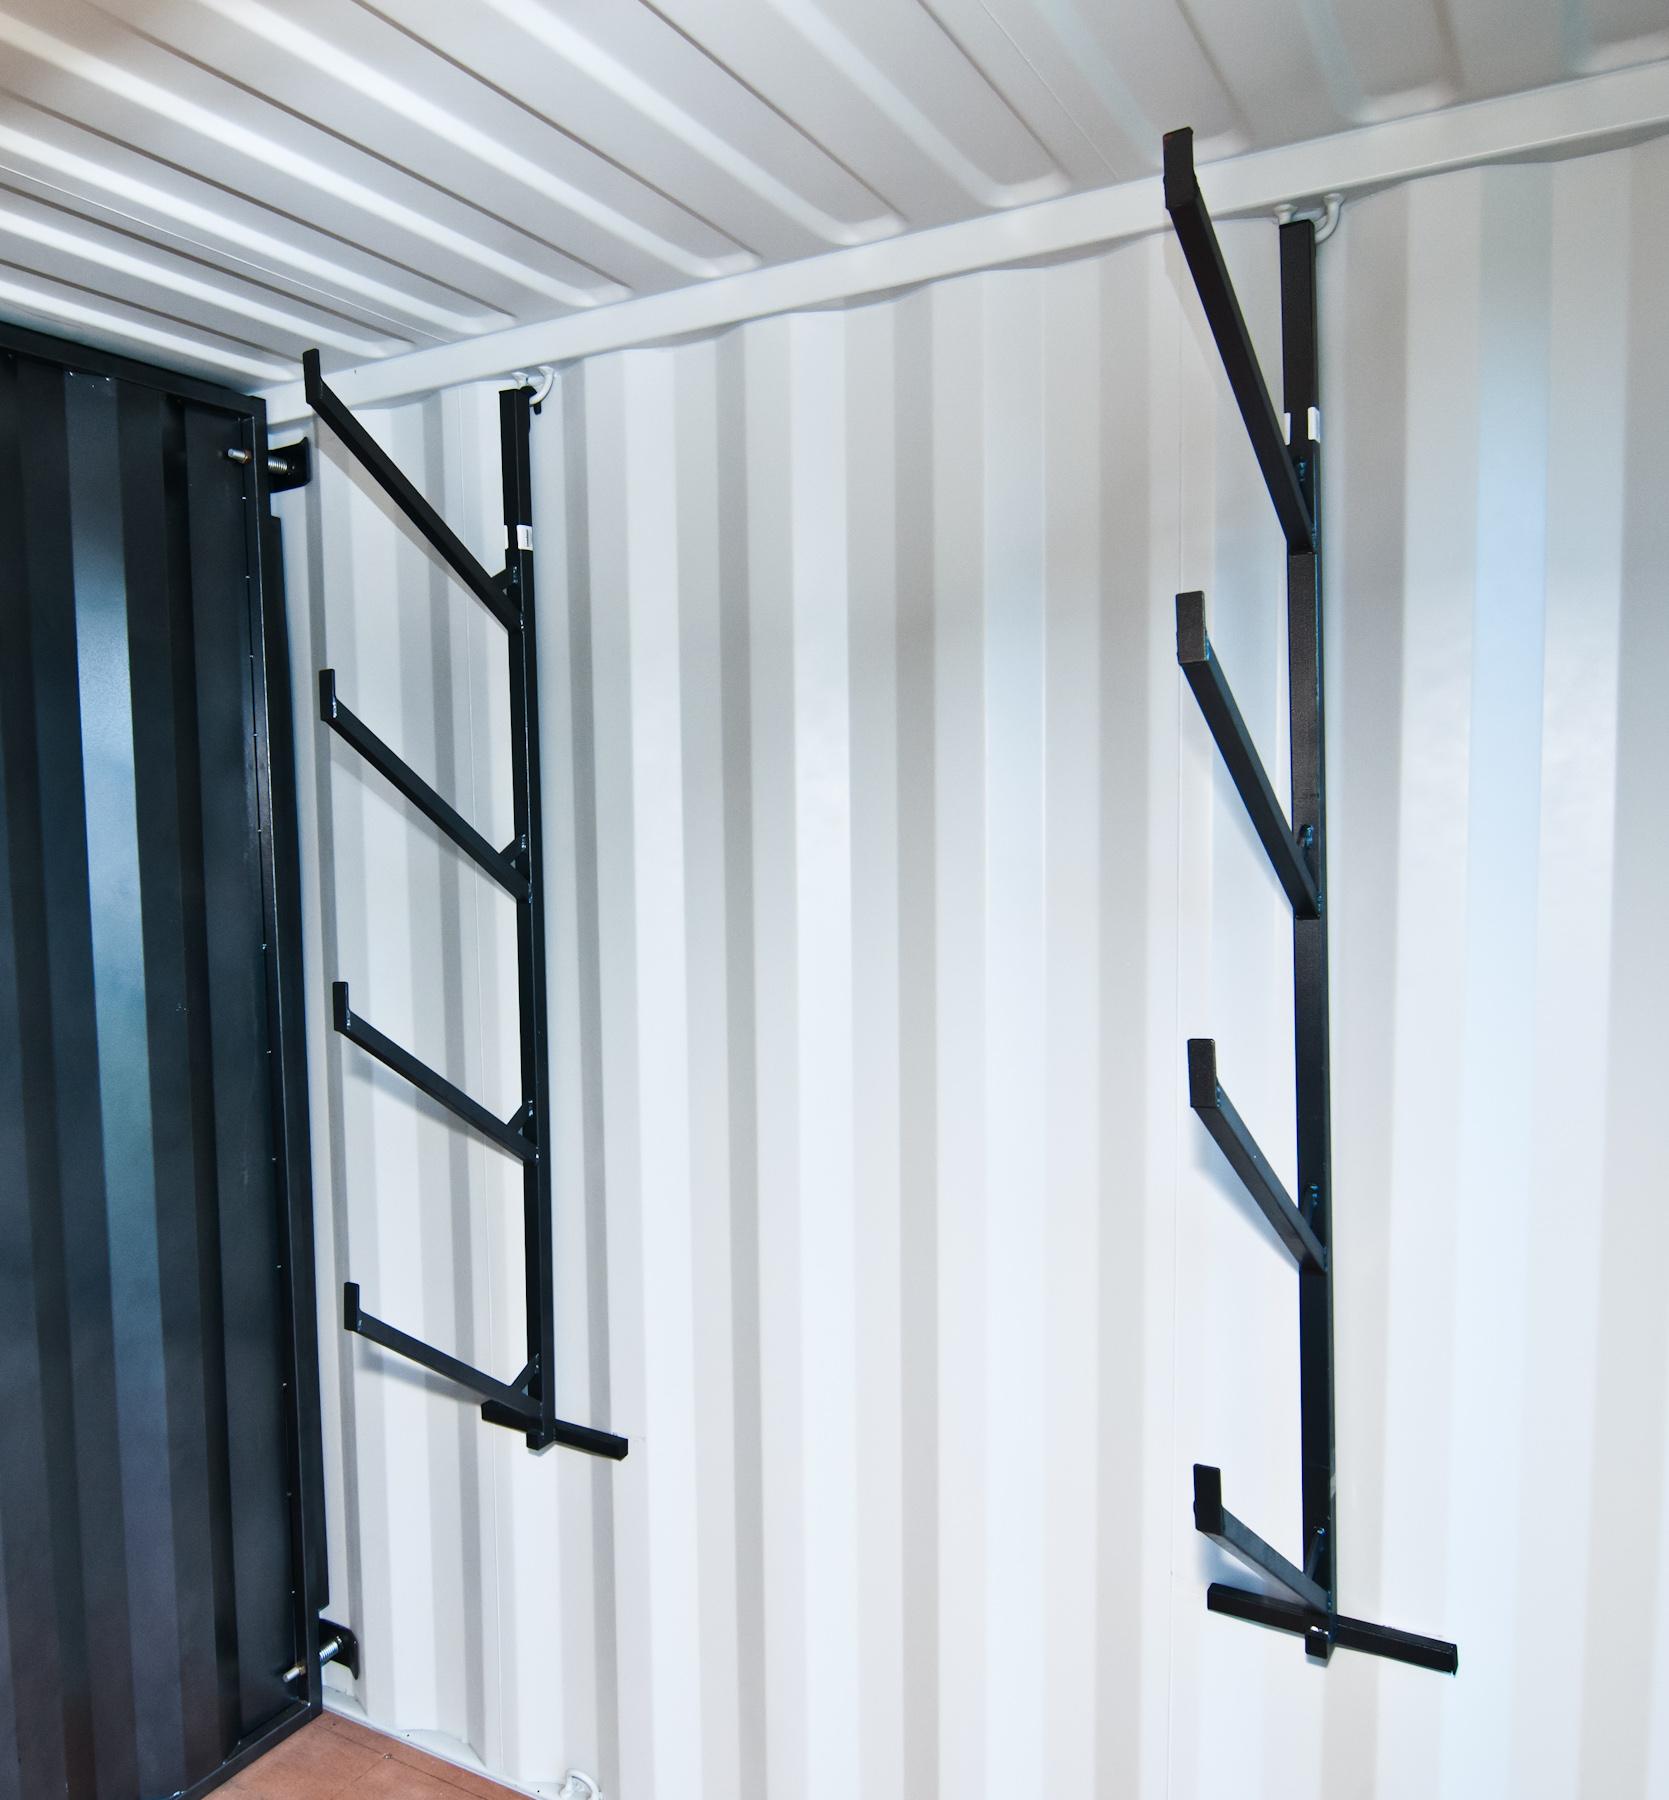 Hb.4000C Pipe Rack